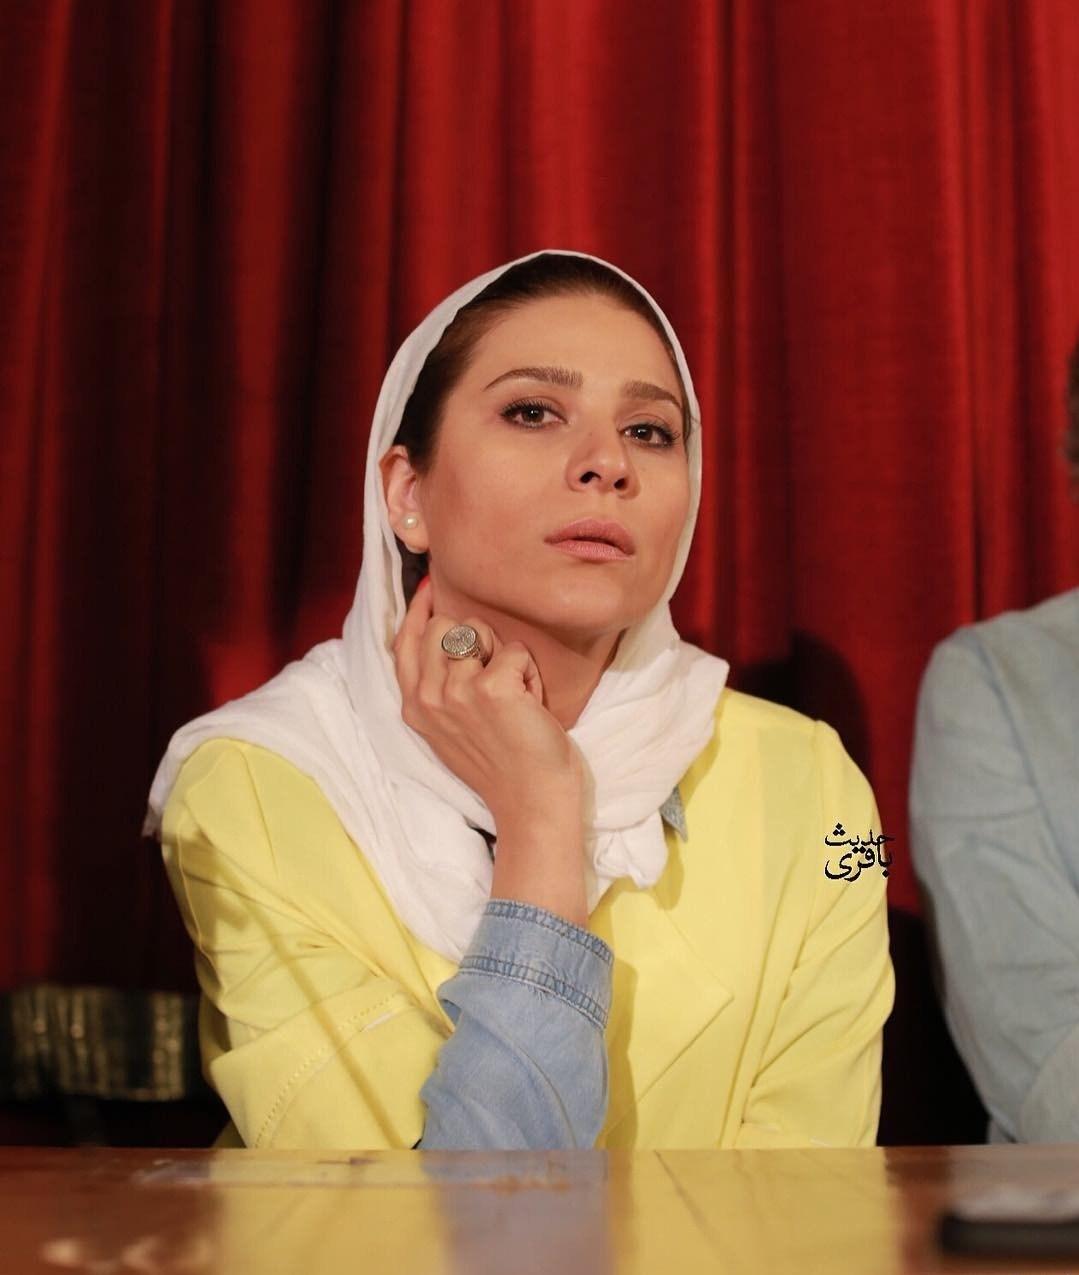 عکس کمیاب سحر دولتشاهی